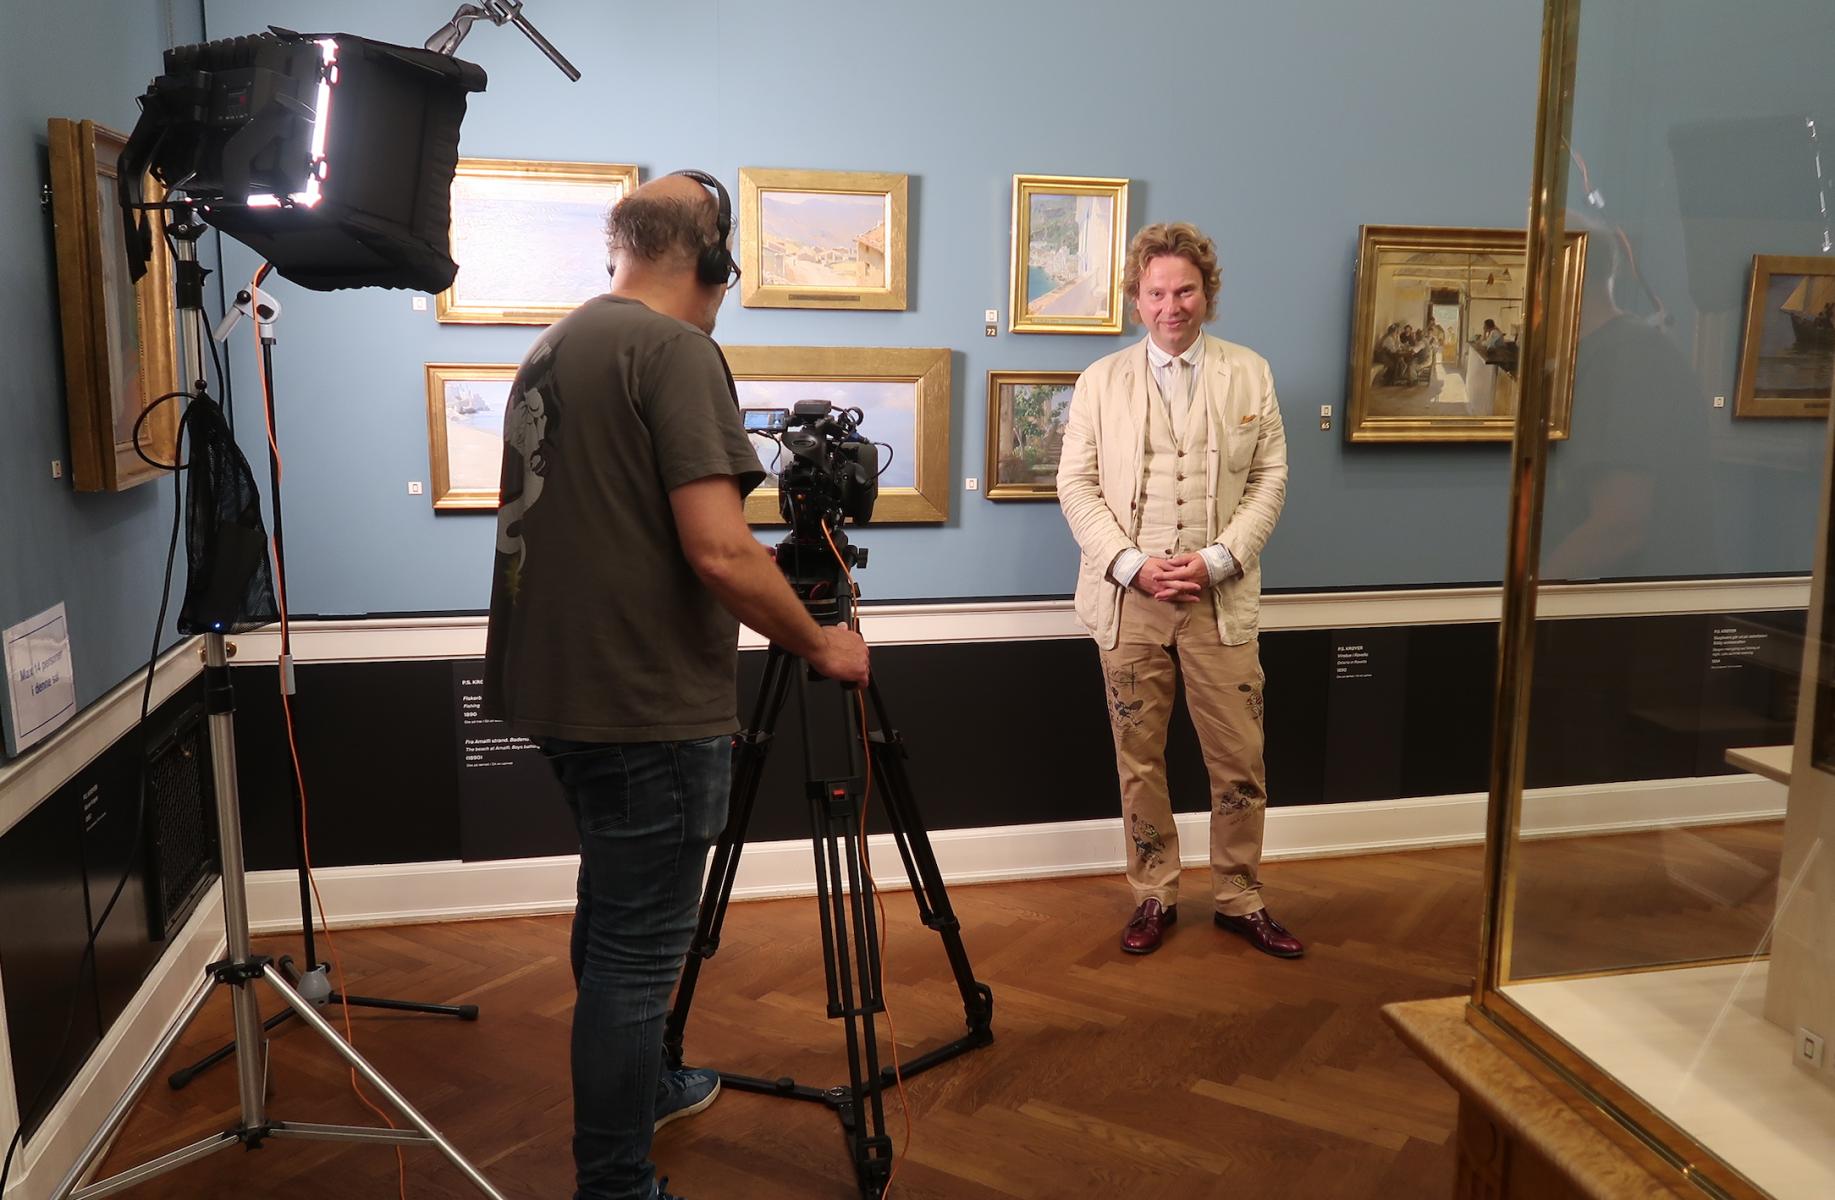 Martin Bigum DR2 Danmarks Radio Bente Scavenius Kunstquiz kunst kunsthistorie